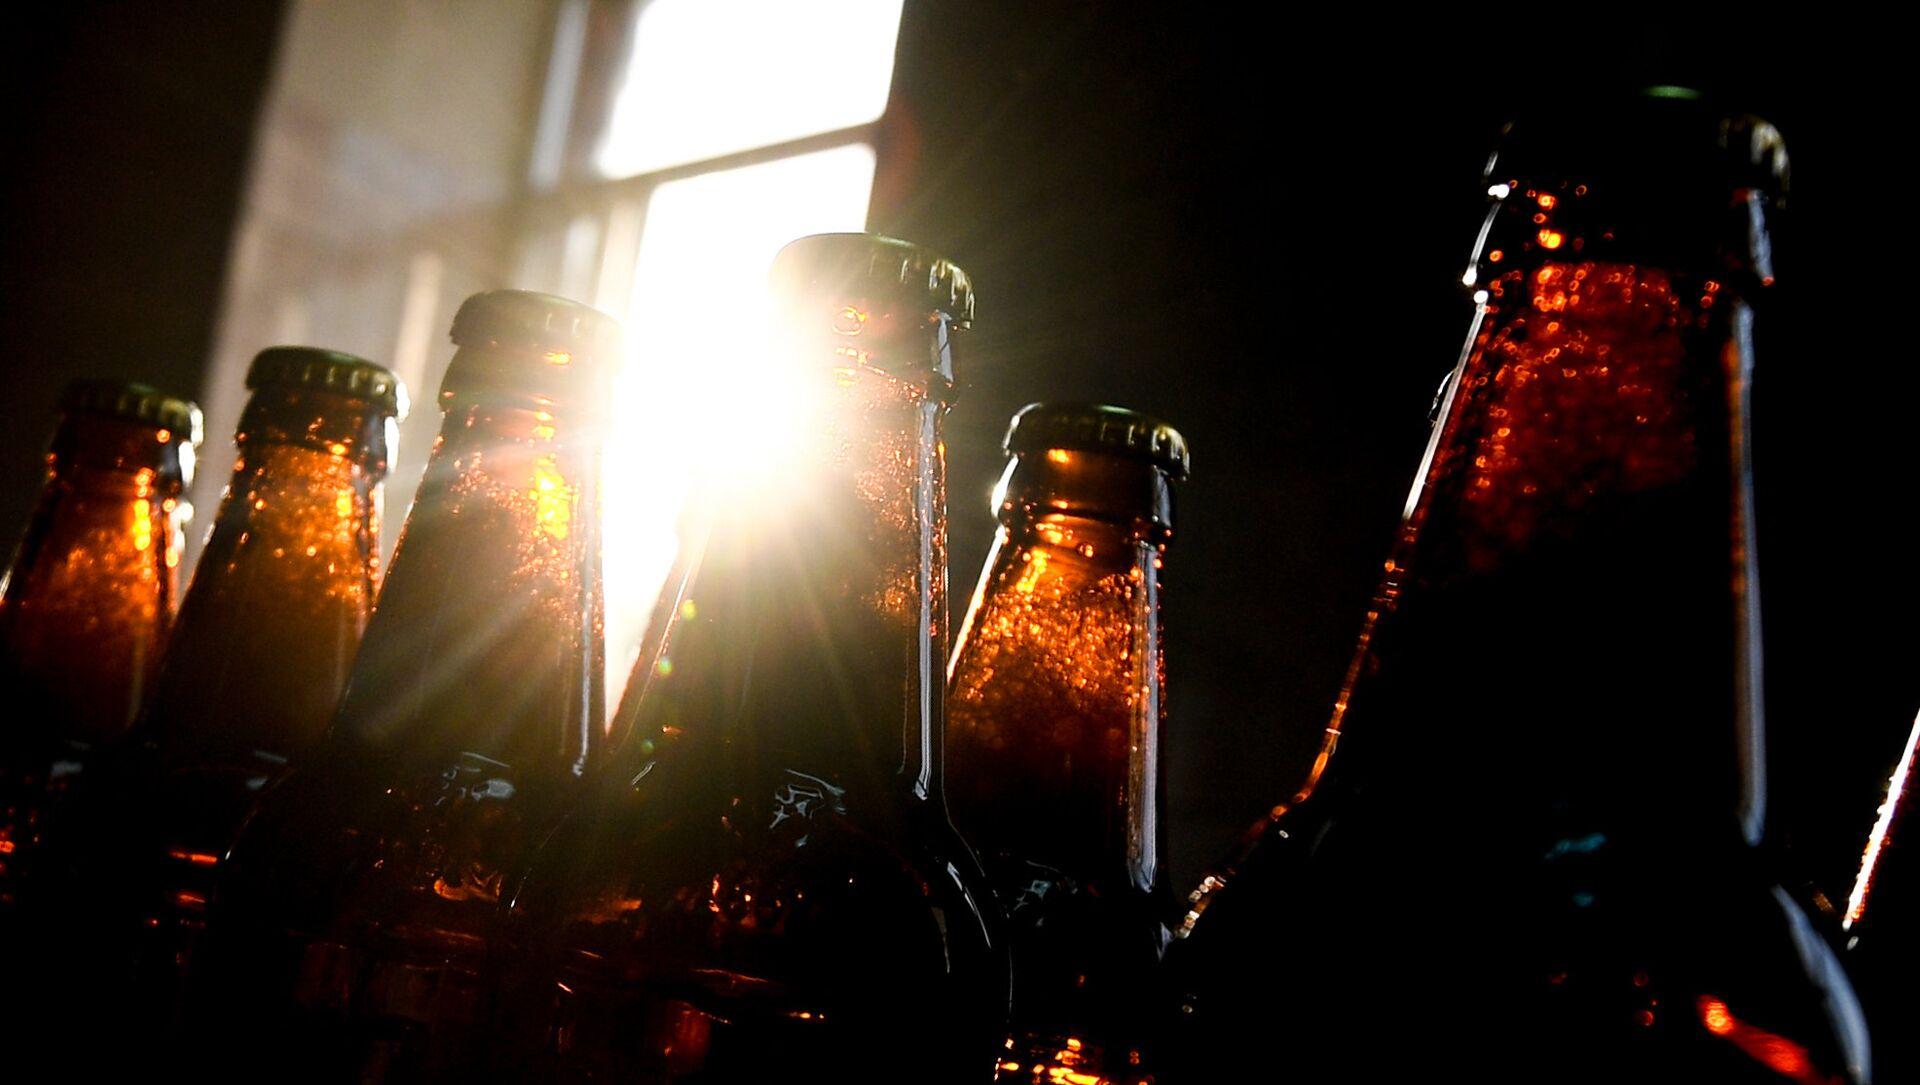 Бутылки с алкогольными напитками, фото из архива - Sputnik Азербайджан, 1920, 18.08.2021